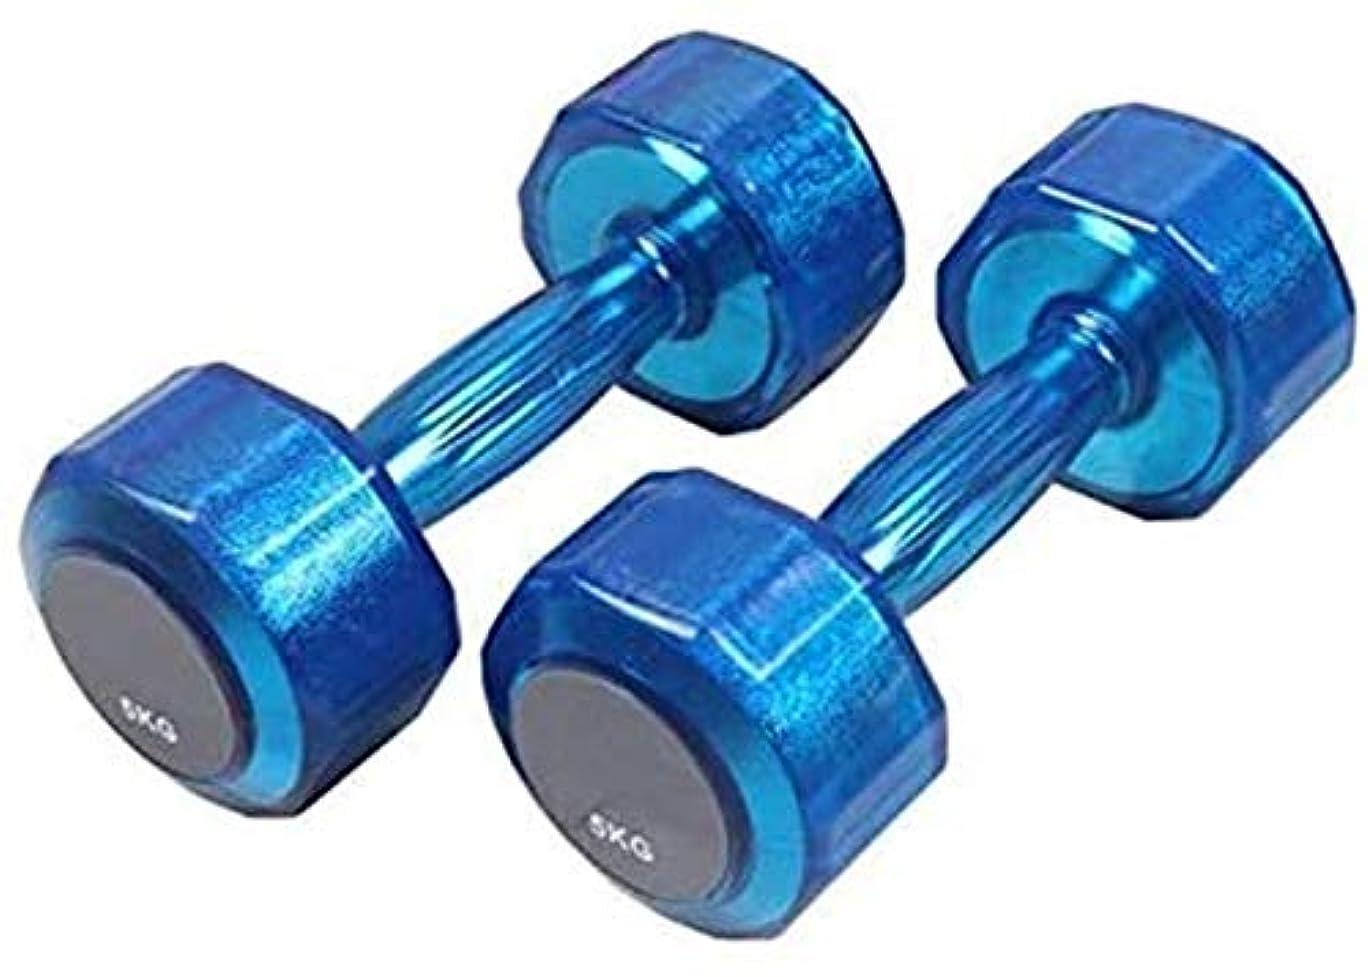 免除正確ゴルフ強度のトレーニングフィットネスジム用の金属のハンドル重量ダンベルフィットネスダンベルの六角ダンベルエクササイズ (Color : Blue, Size : 1KGX2)